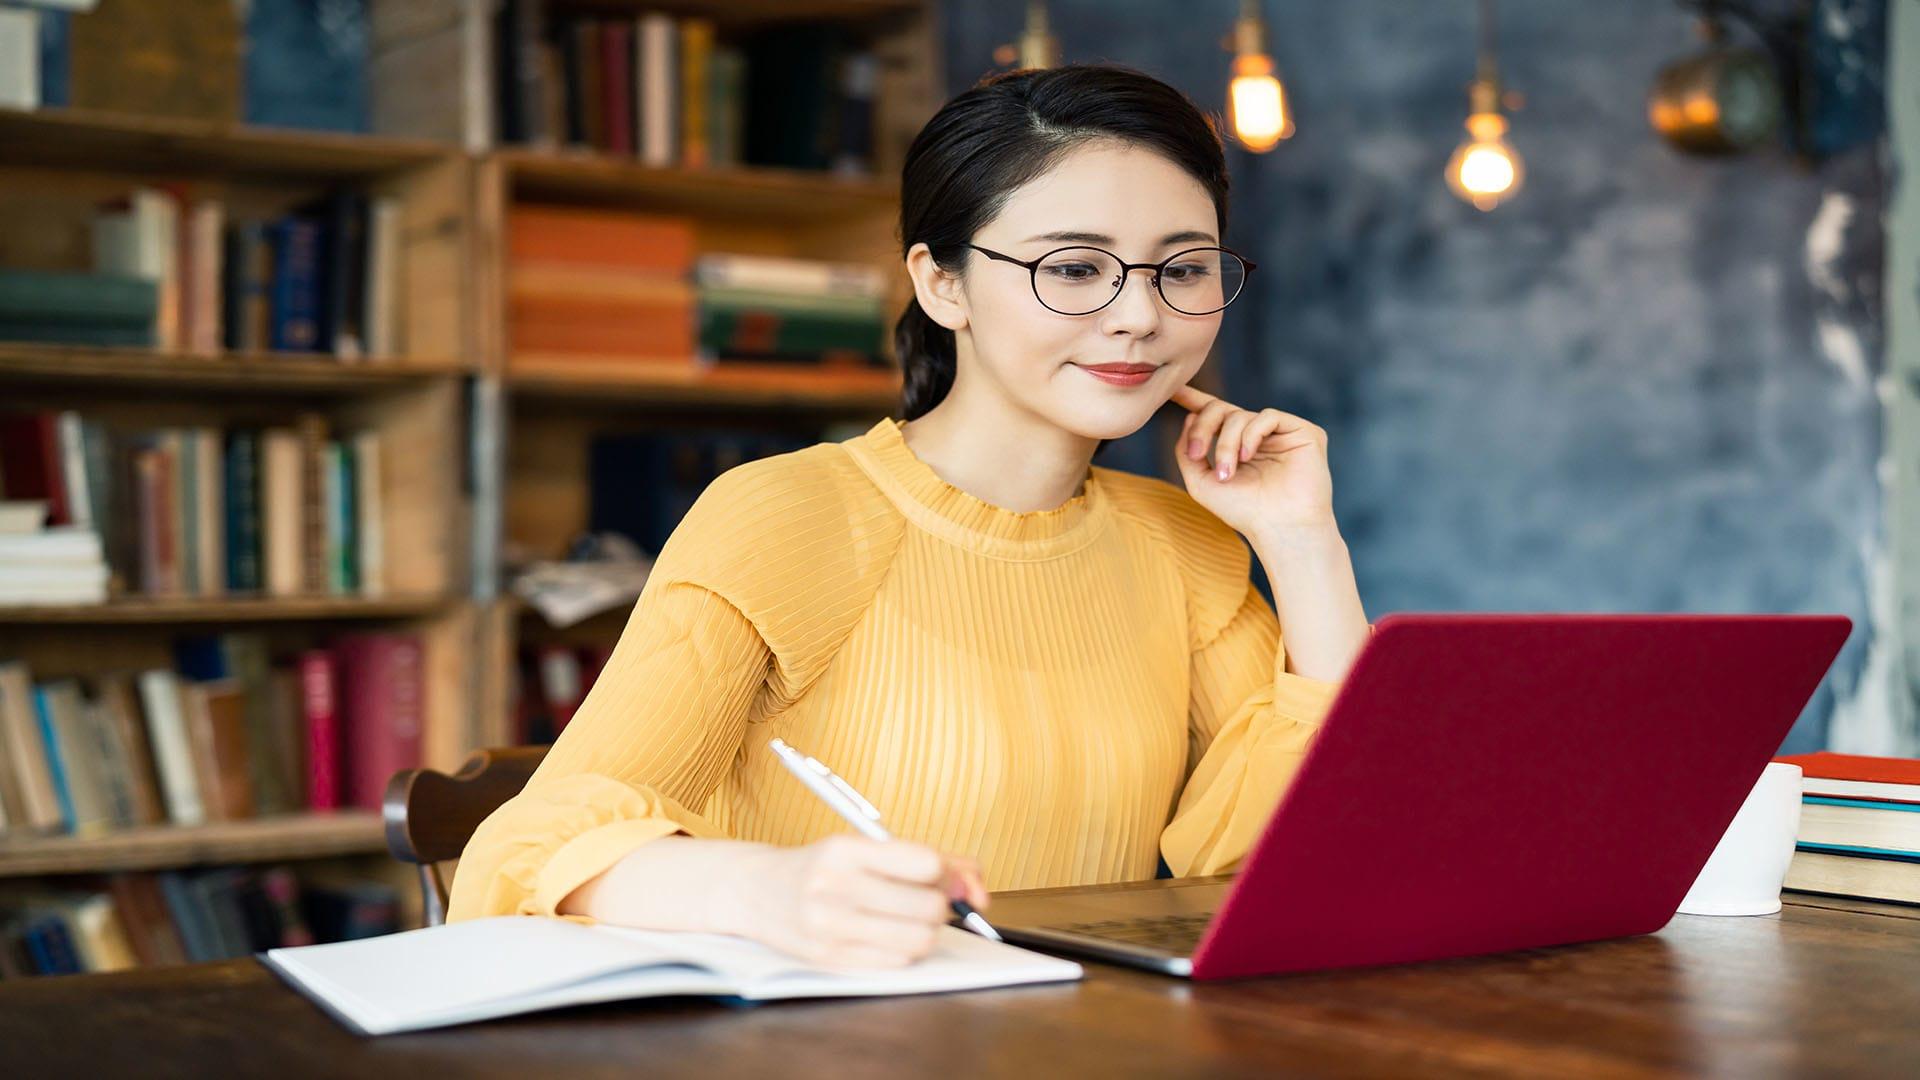 Freelance Writing 101